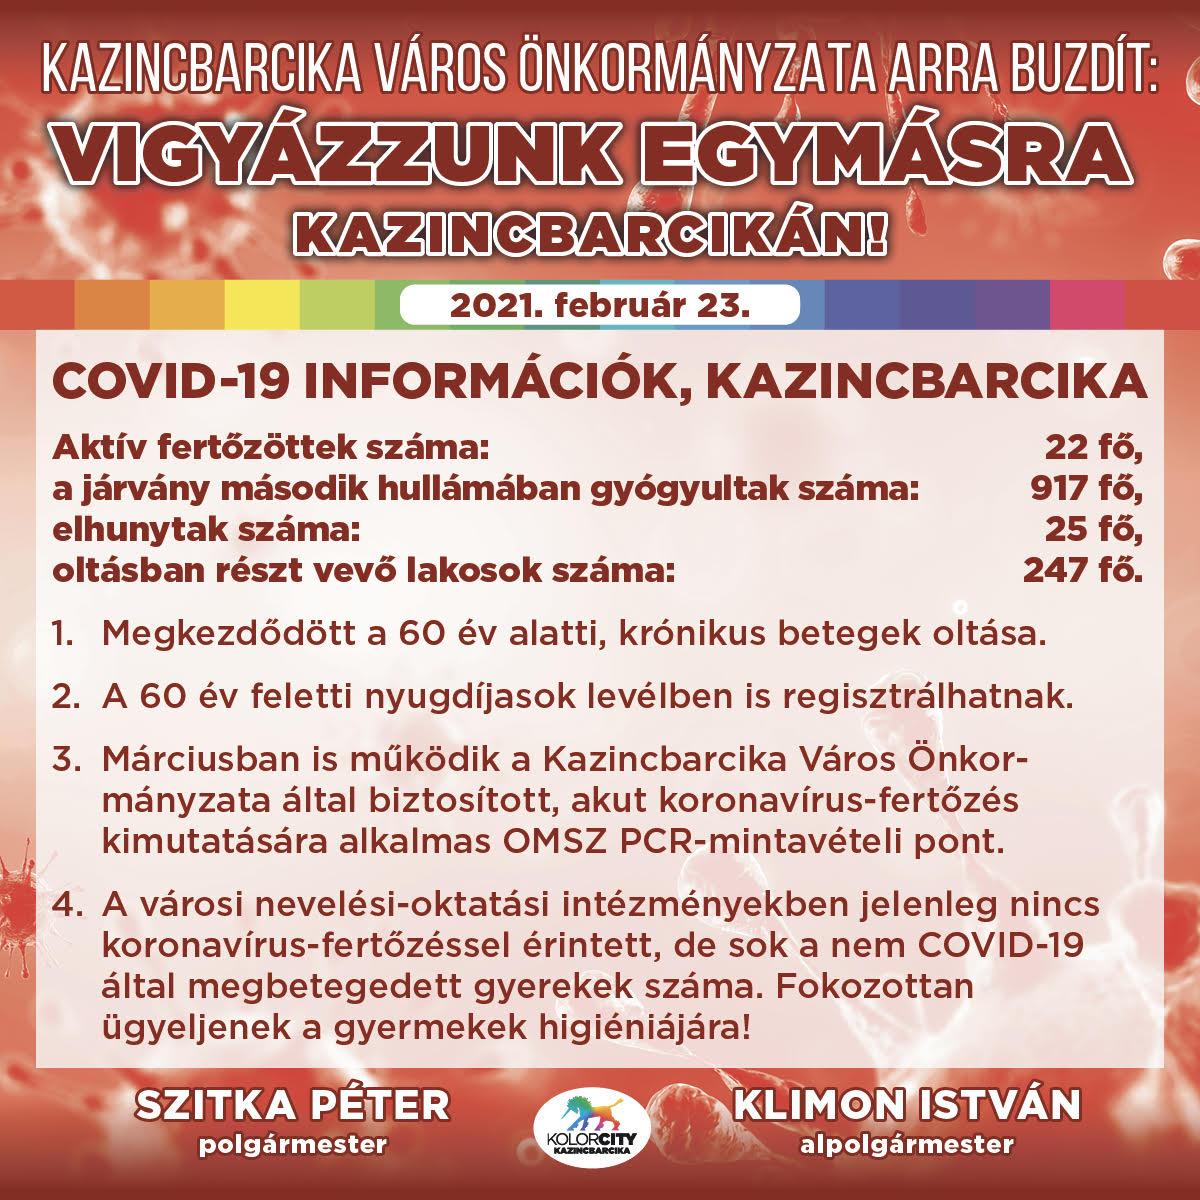 https://kolorline.hu/Vigyázzunk egymásra Kazincbarcikán! – 2021. február 23.